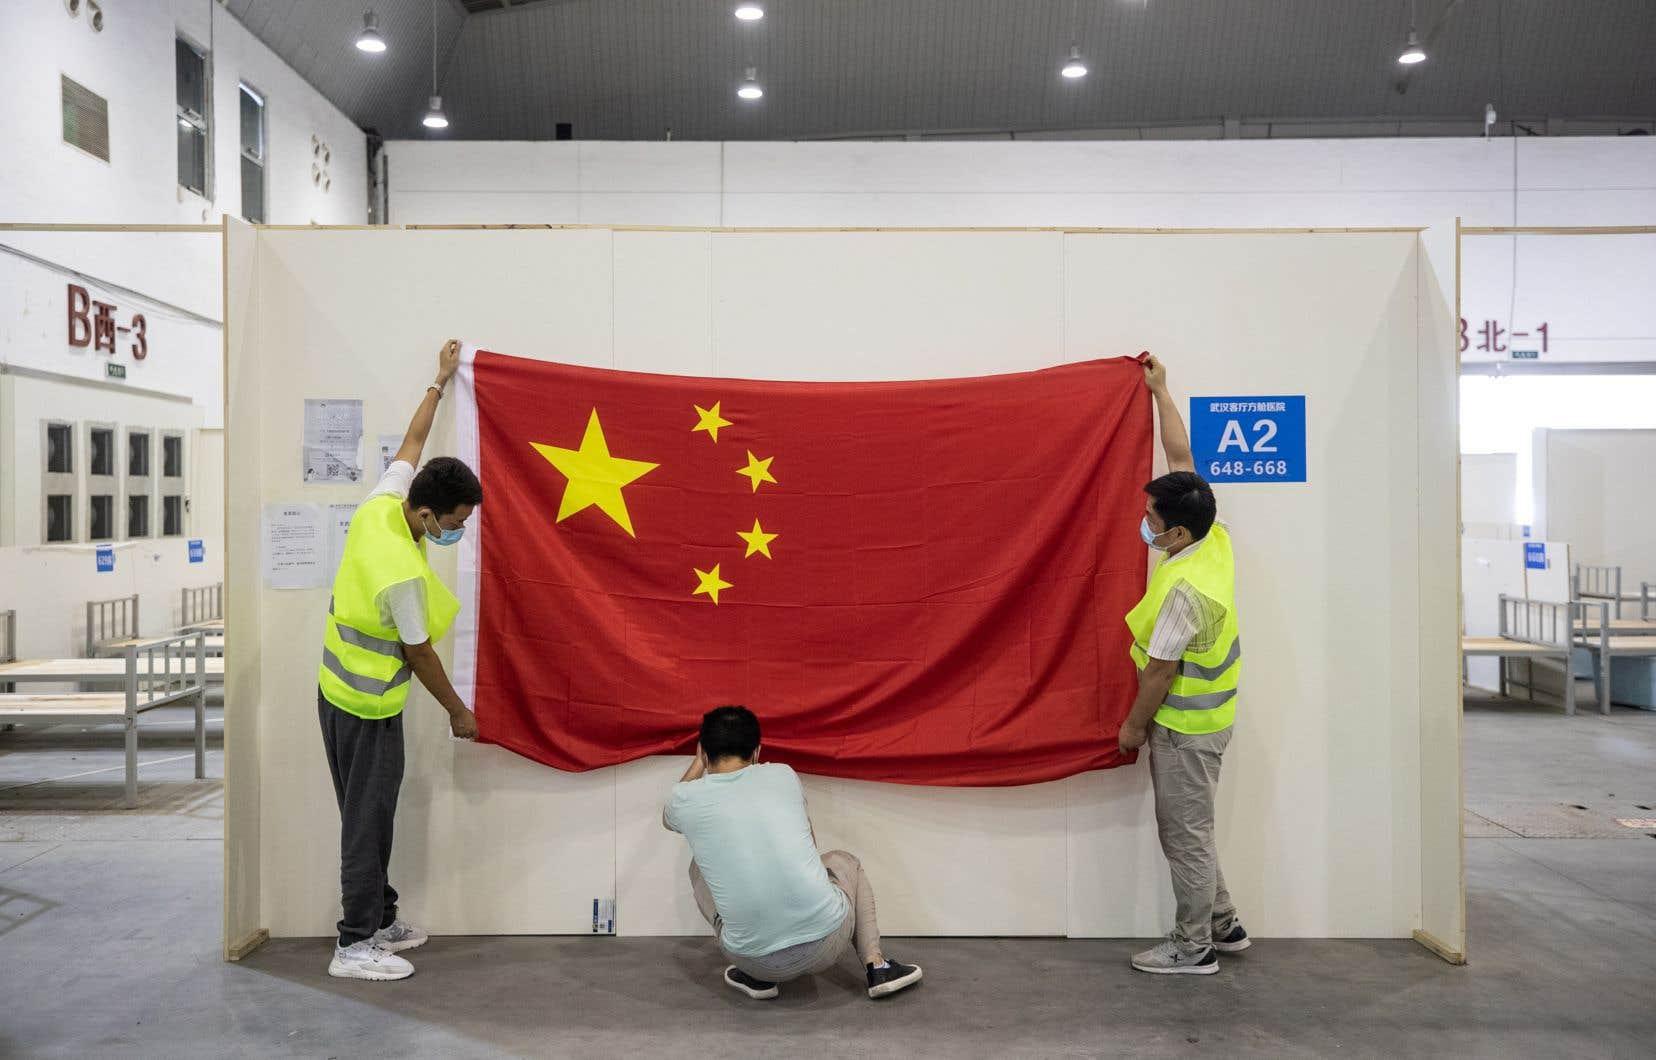 Dans lels pays occidentaux, la Chine est largement accusée d'avoir initialement manqué de transparence sur la gravité du coronavirus.